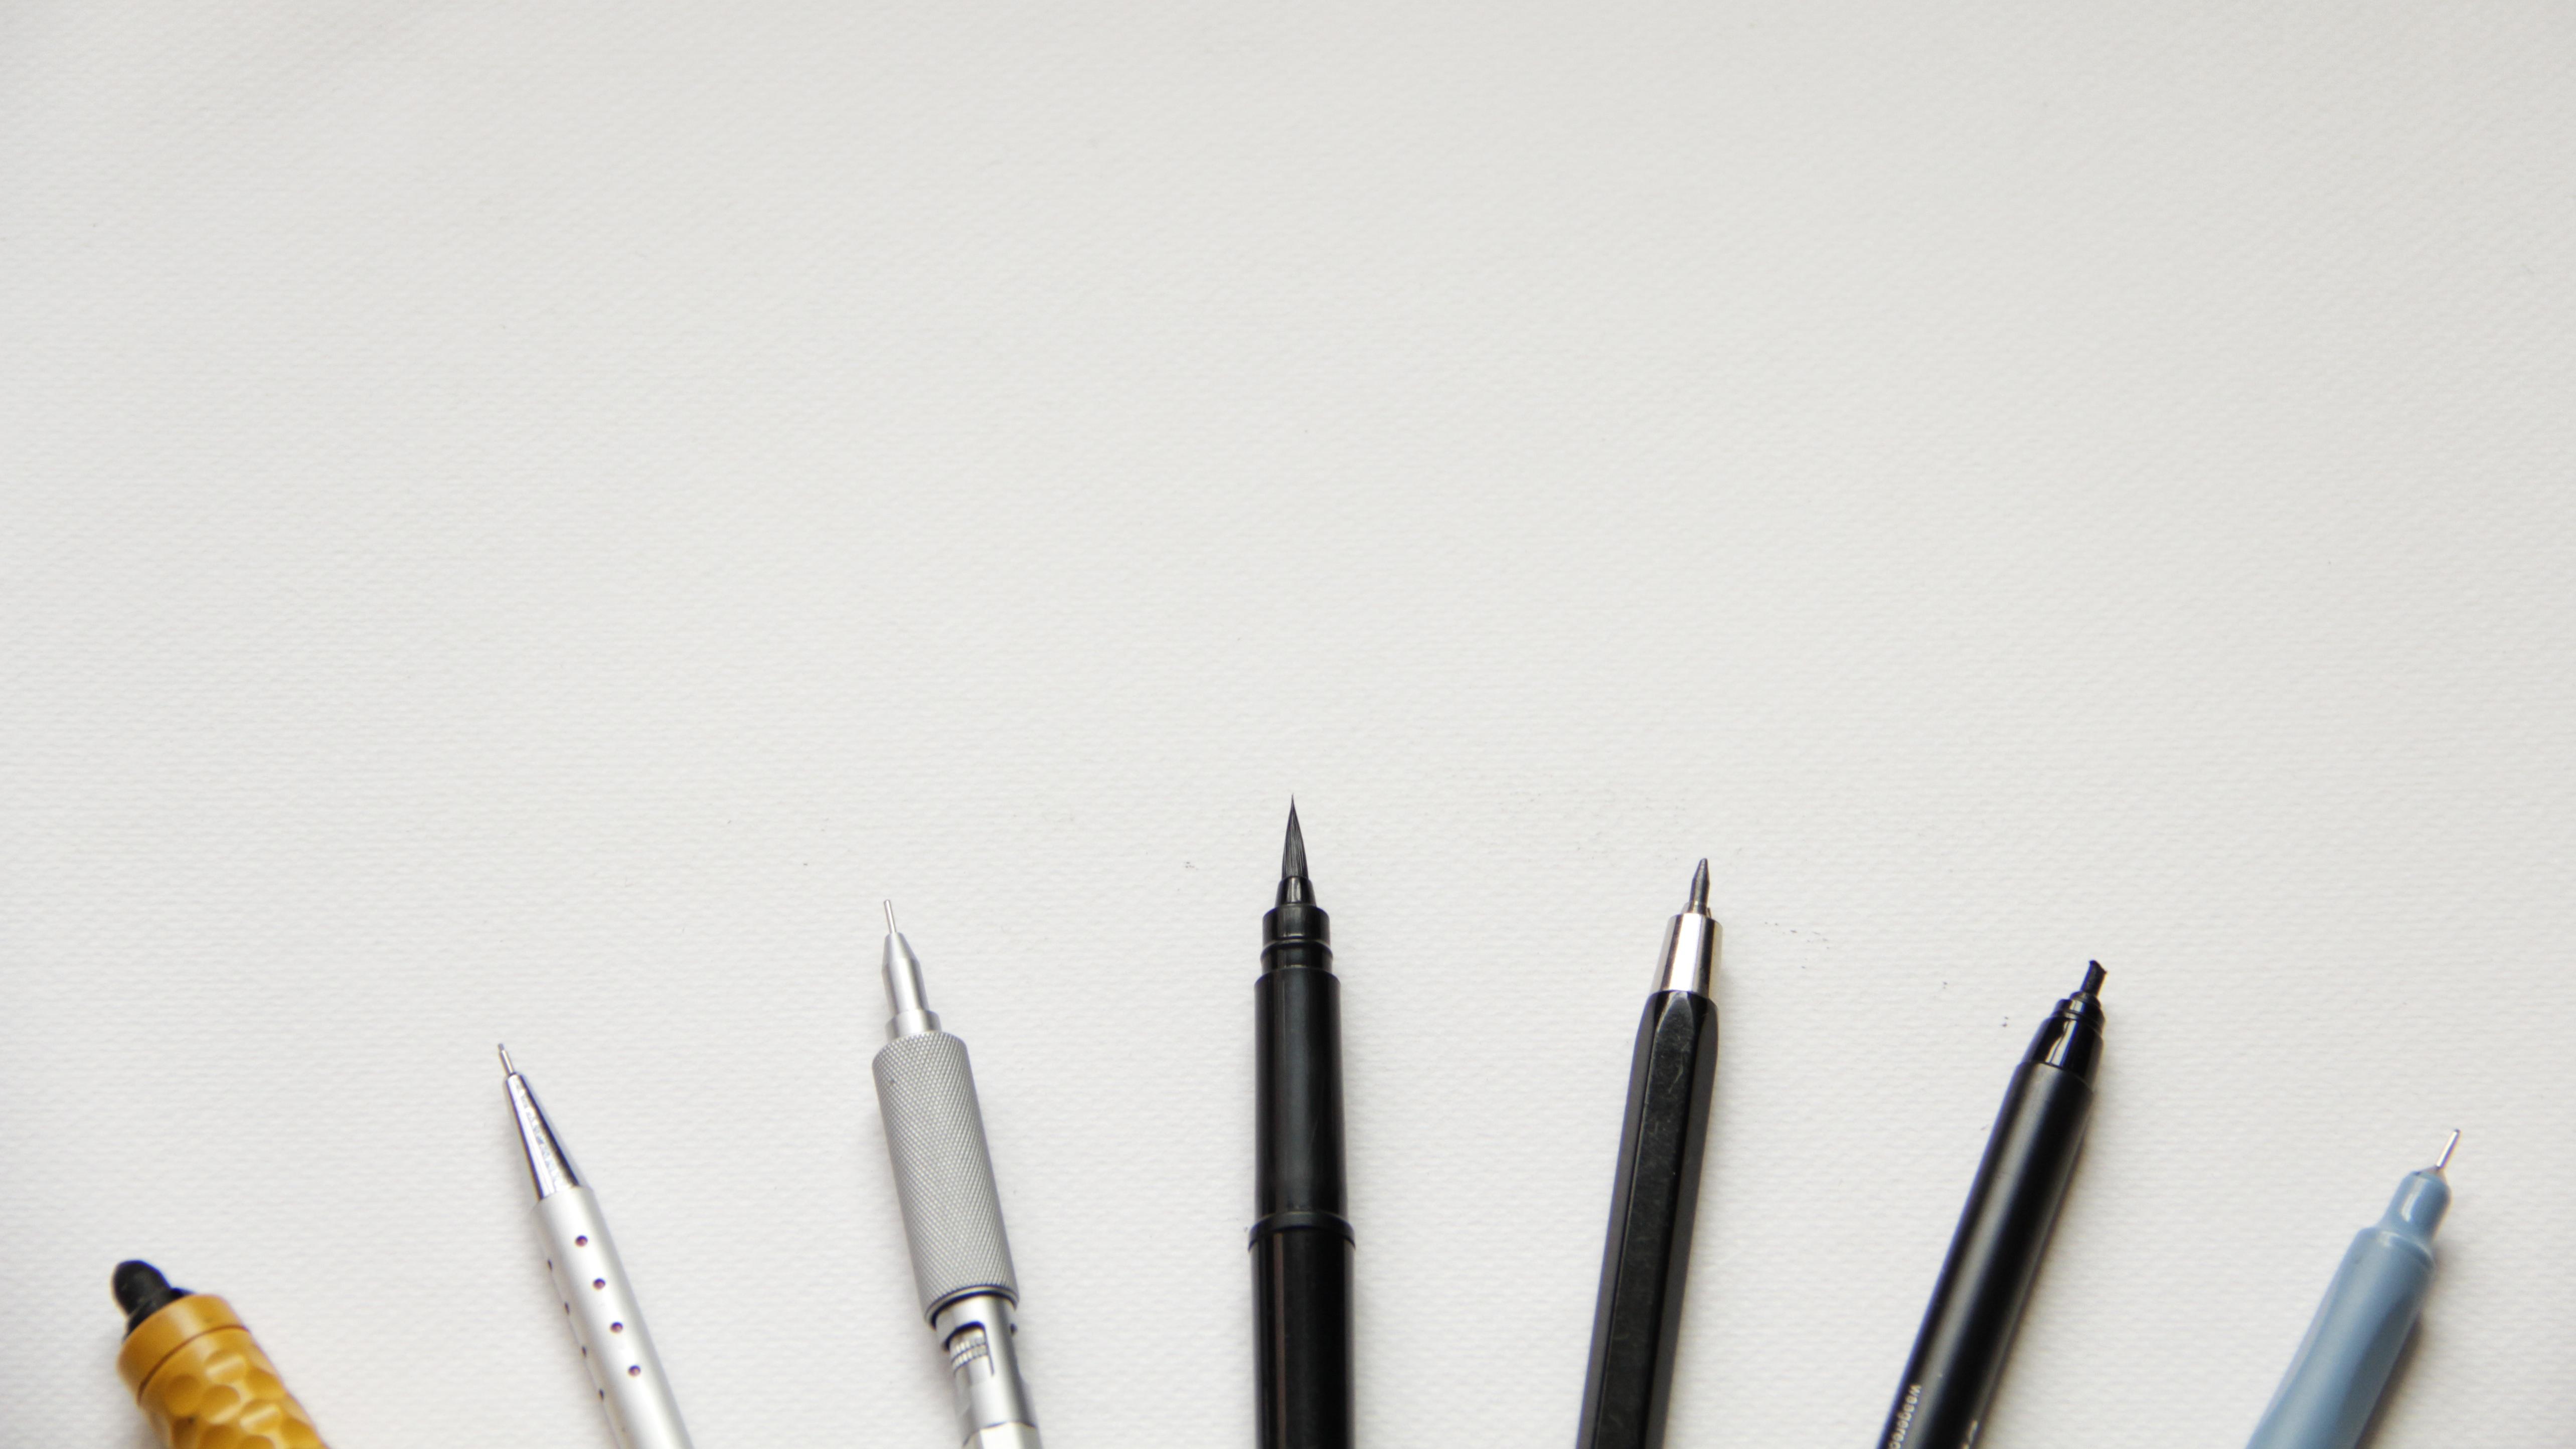 Gambar Pensil Pena Alat Peralatan Artis Kosong